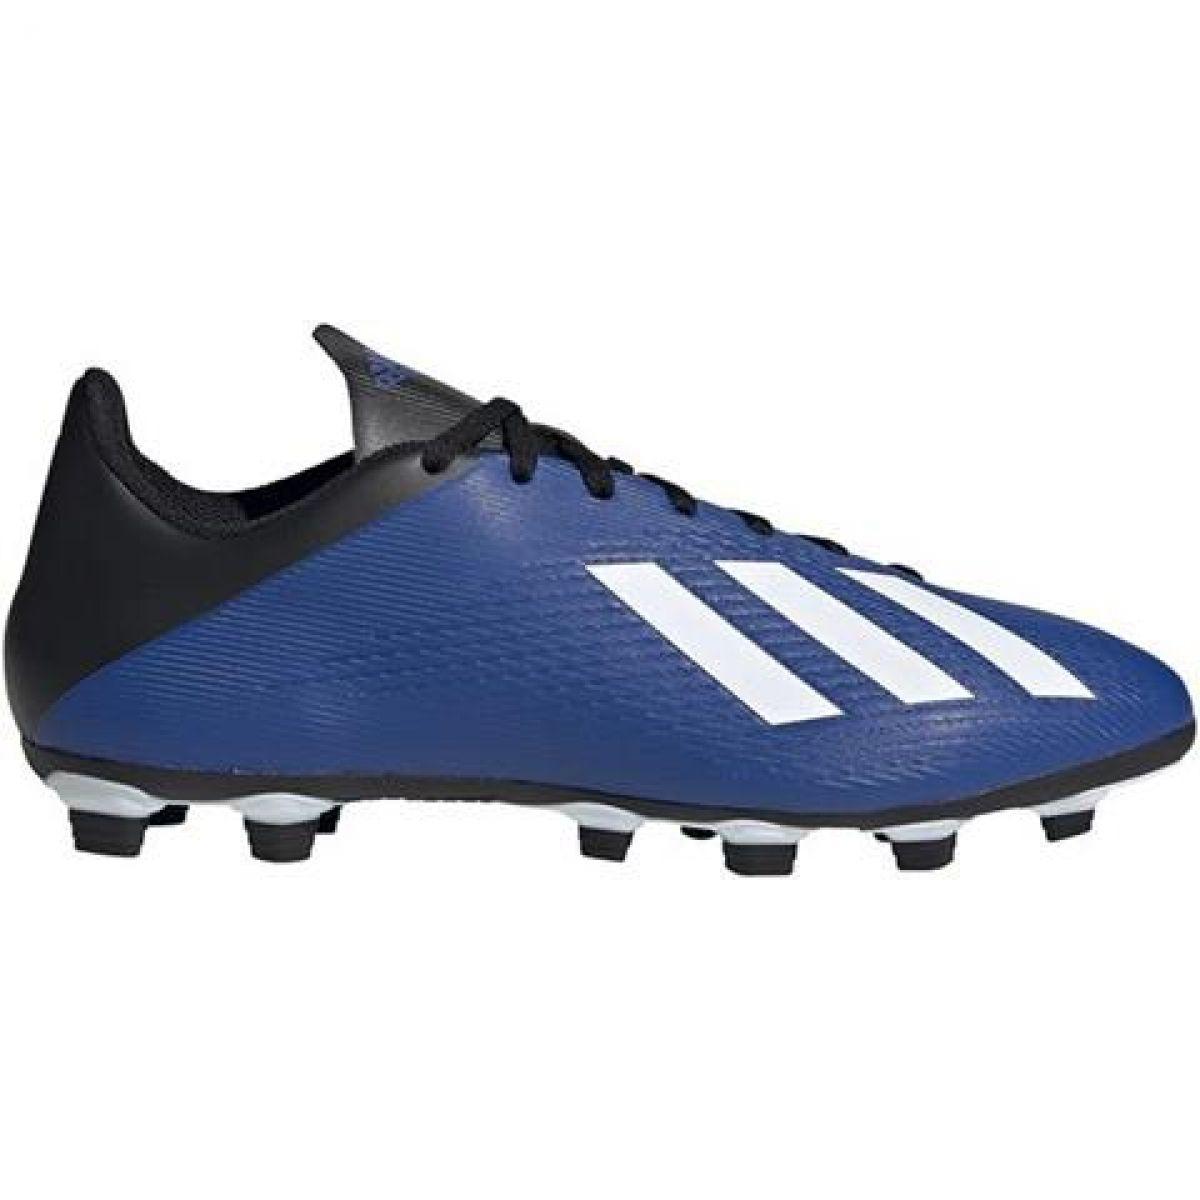 Chuteiras de futebol Adidas X 19.4 FxG M EF1698 azul azul